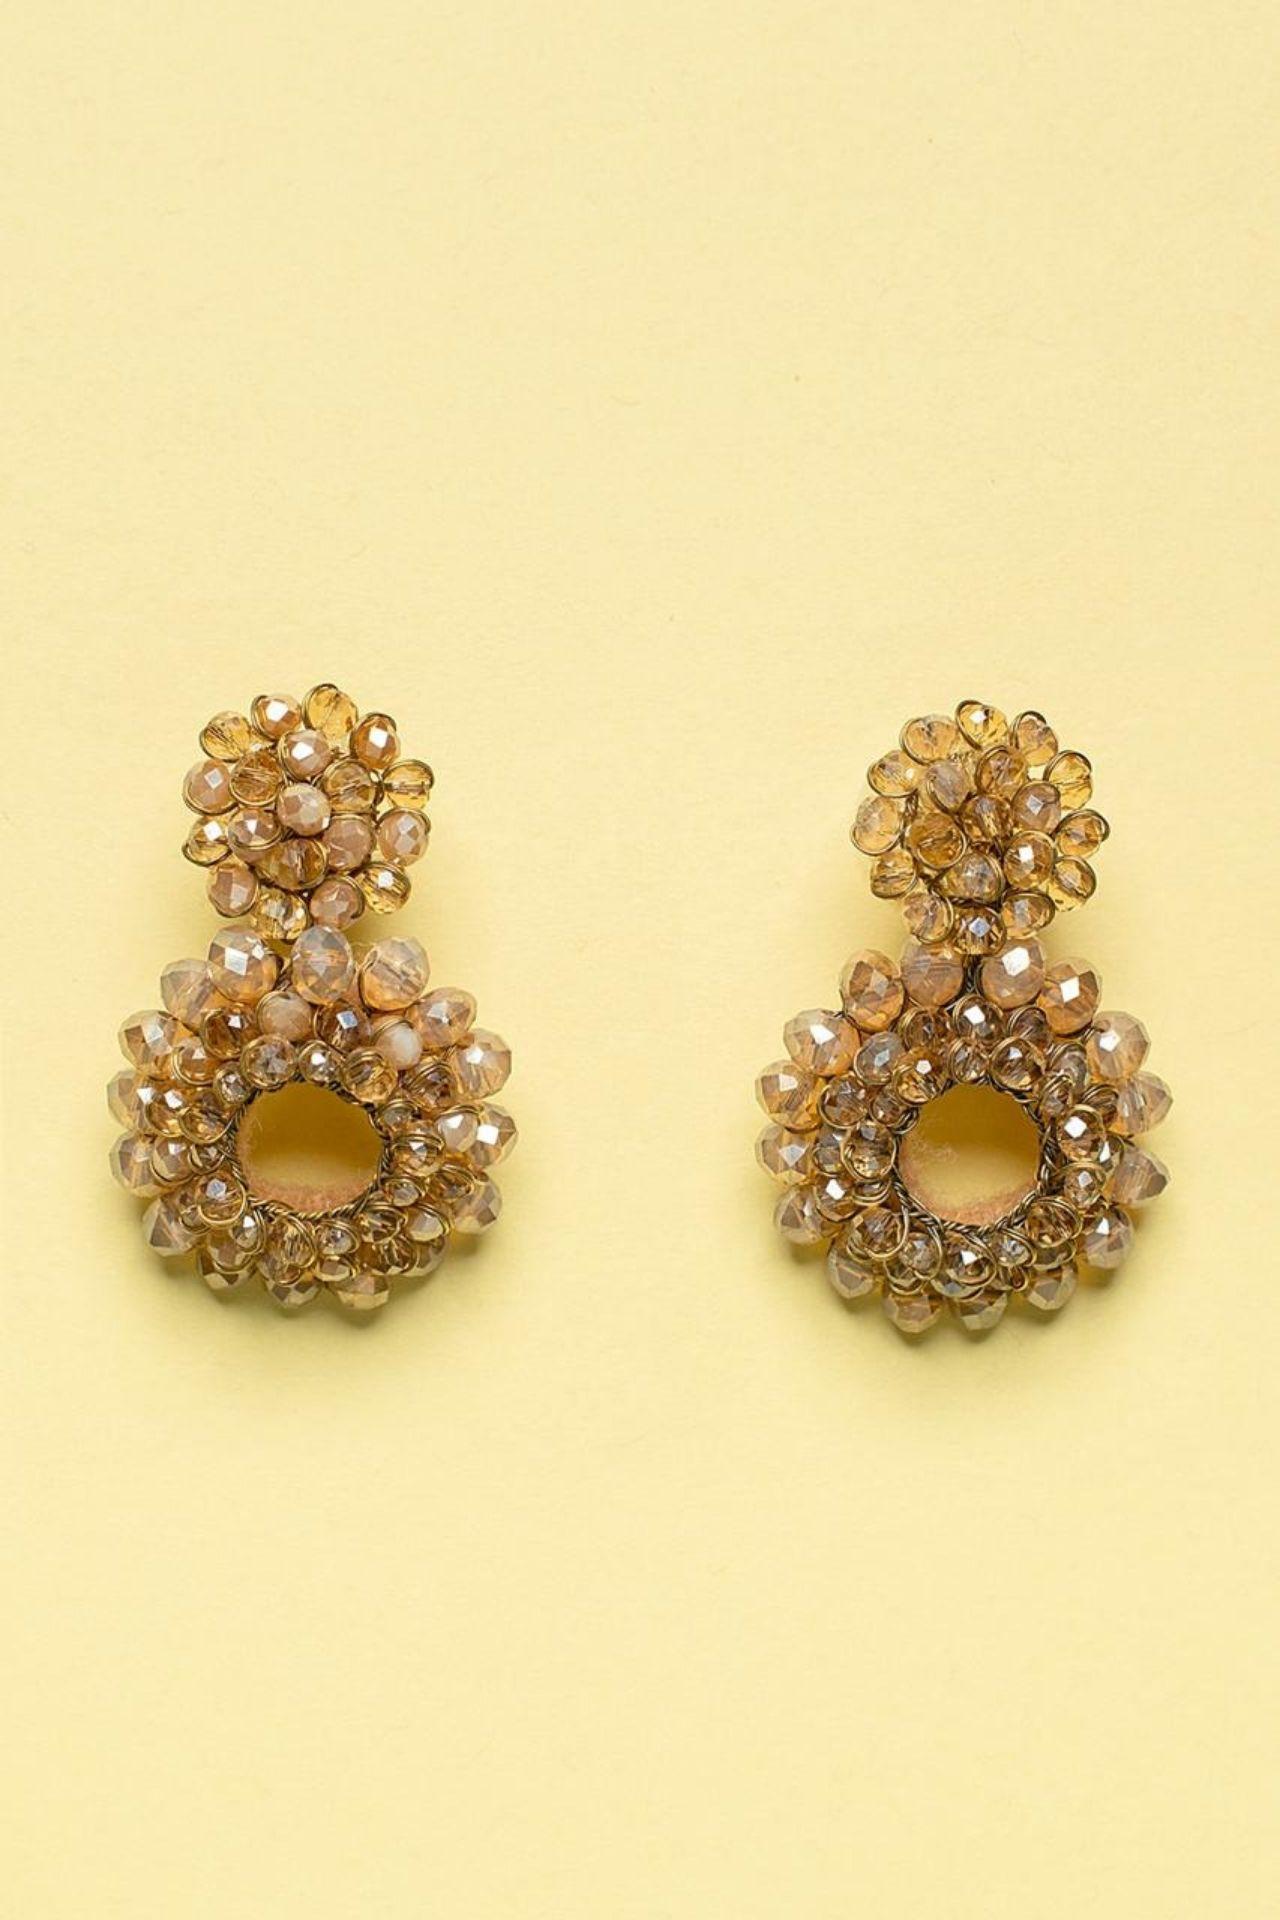 Aretes hechos a mano con alambre gold filled, postes hipoalergénicos combinado con piedras murano, perlas y mostacillas checas. Perfecto para darle un toque especial a tu look.